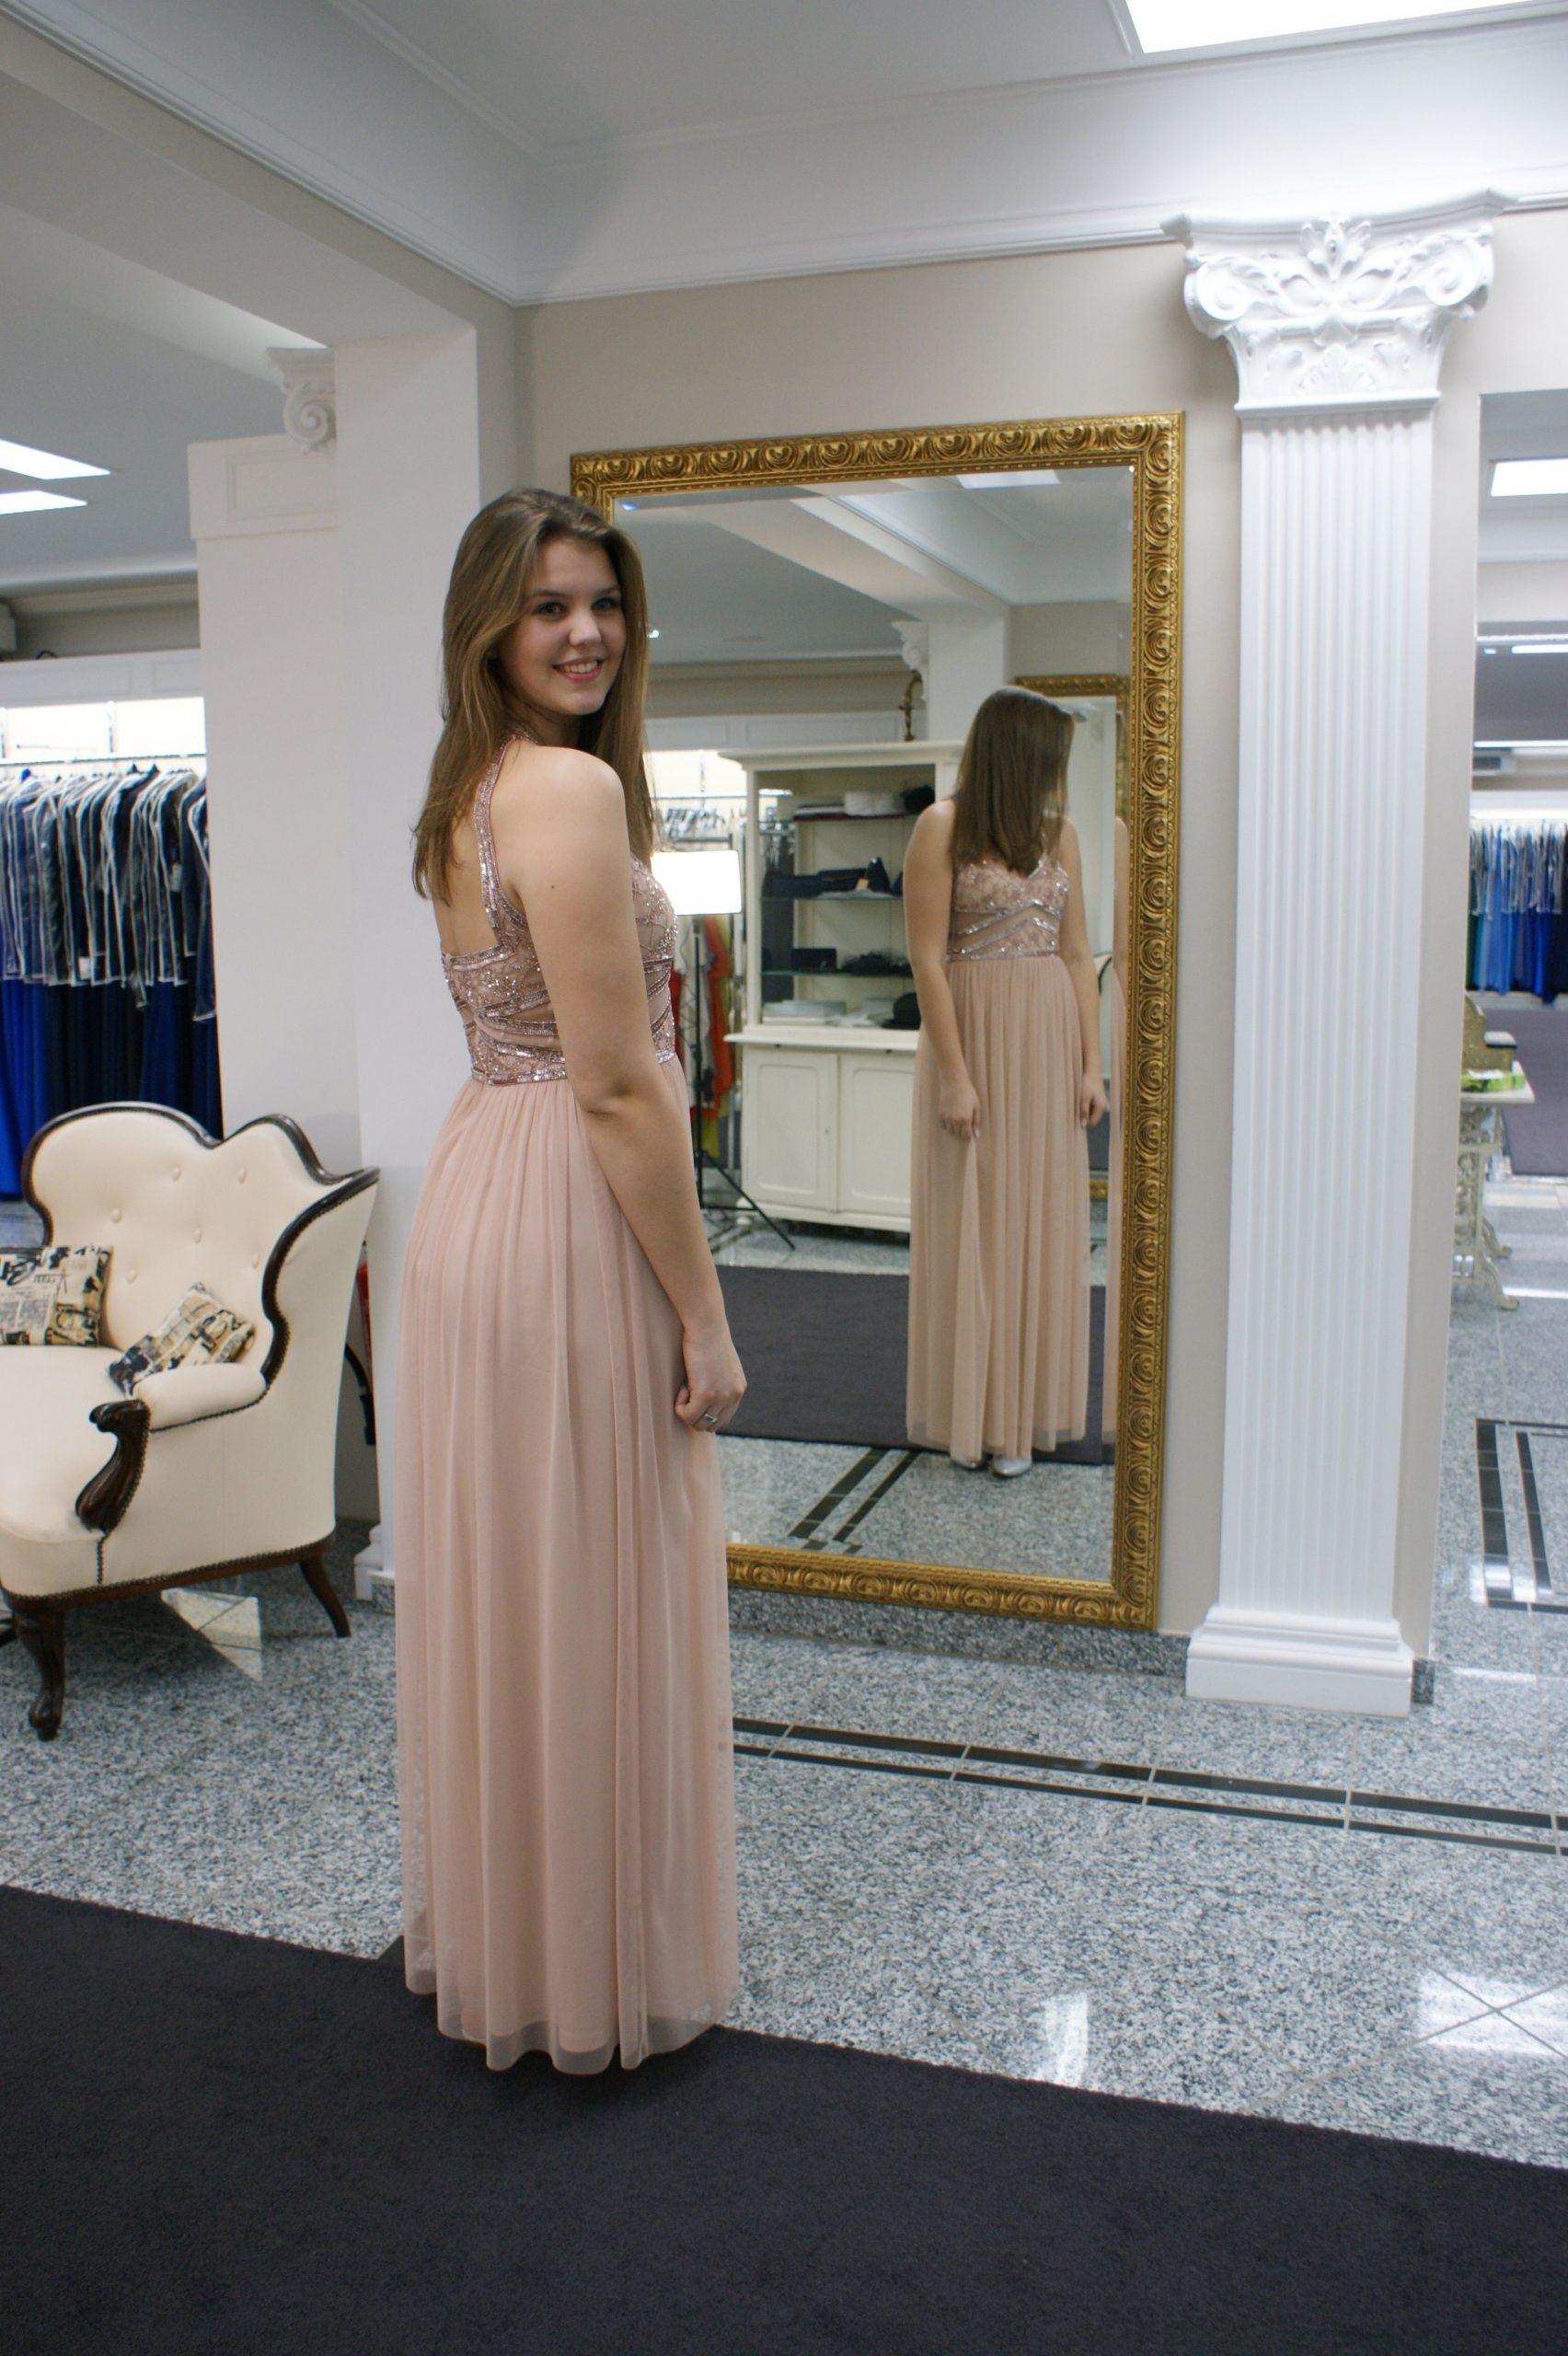 Sina Trägt Ein Langes Abendkleid Von Passion Fashion In Der